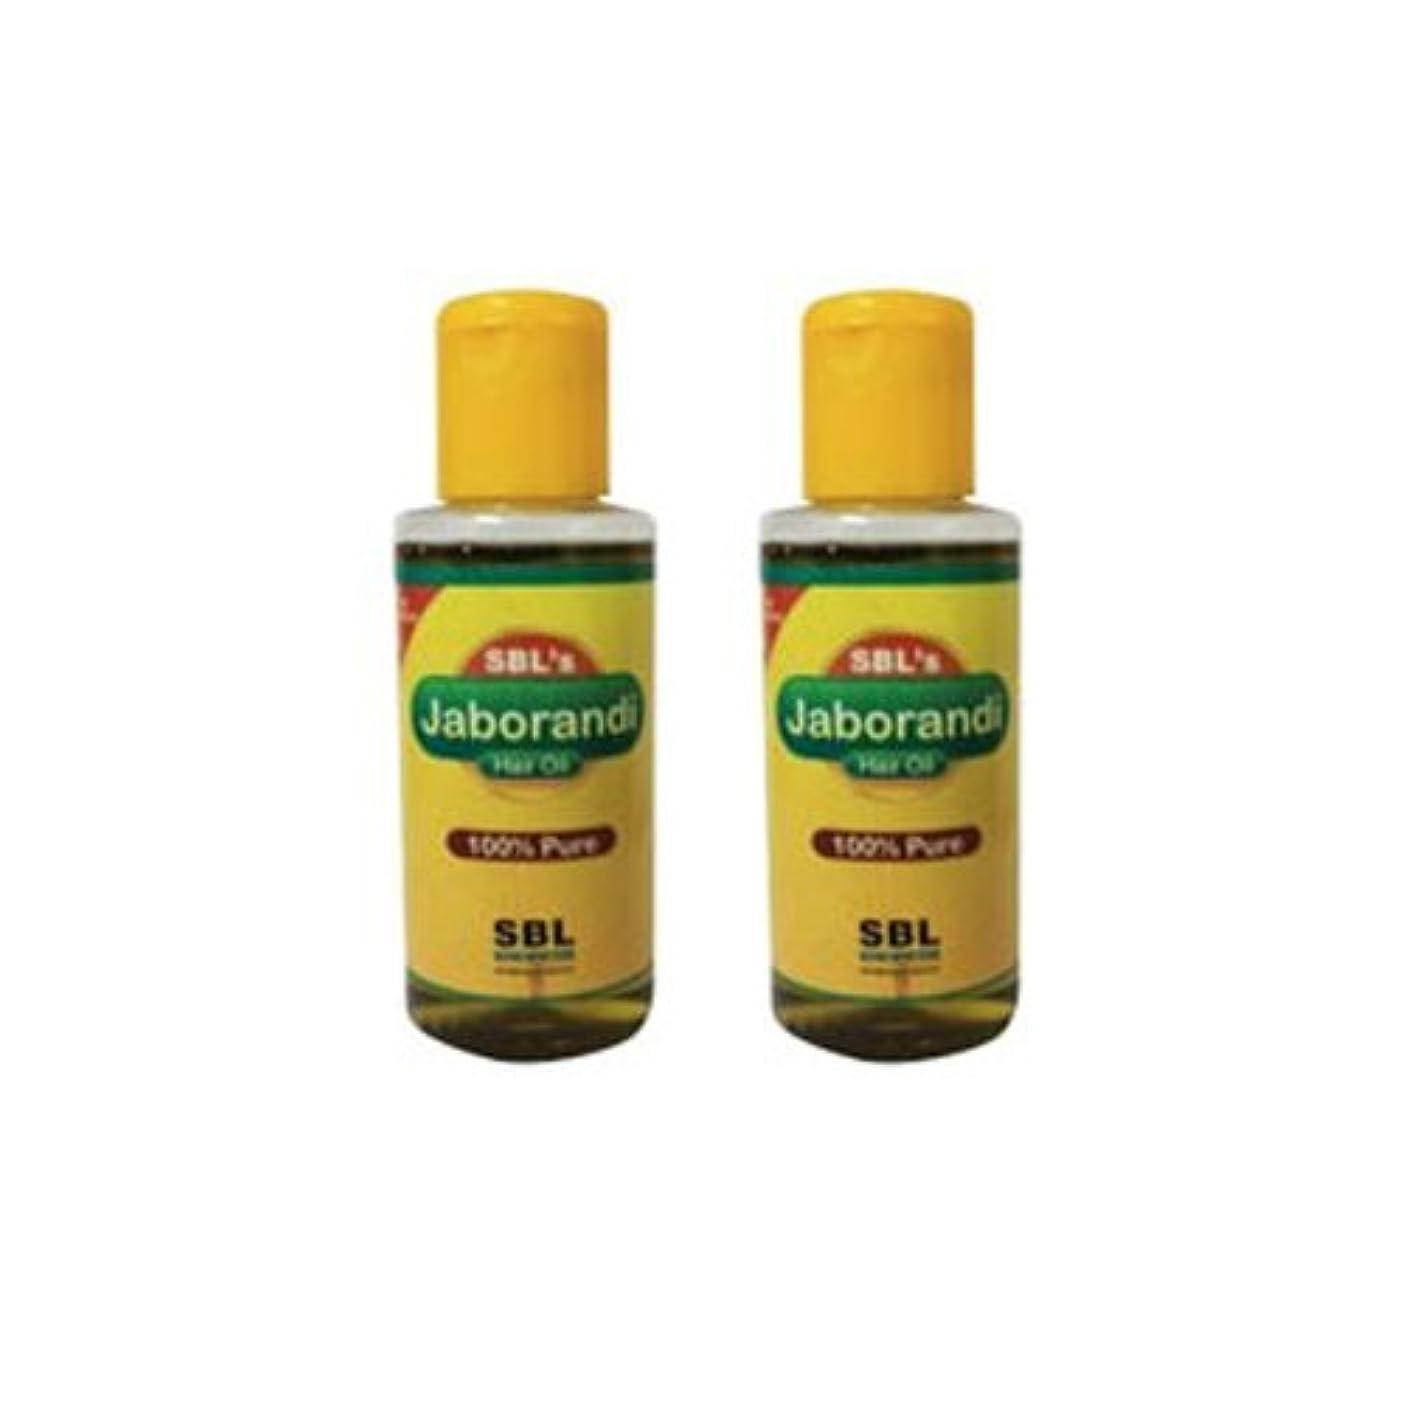 暗殺者いま故意の2 x Jaborandi Hair Oil. Shipping Only By - USPS / FedEX by SBL